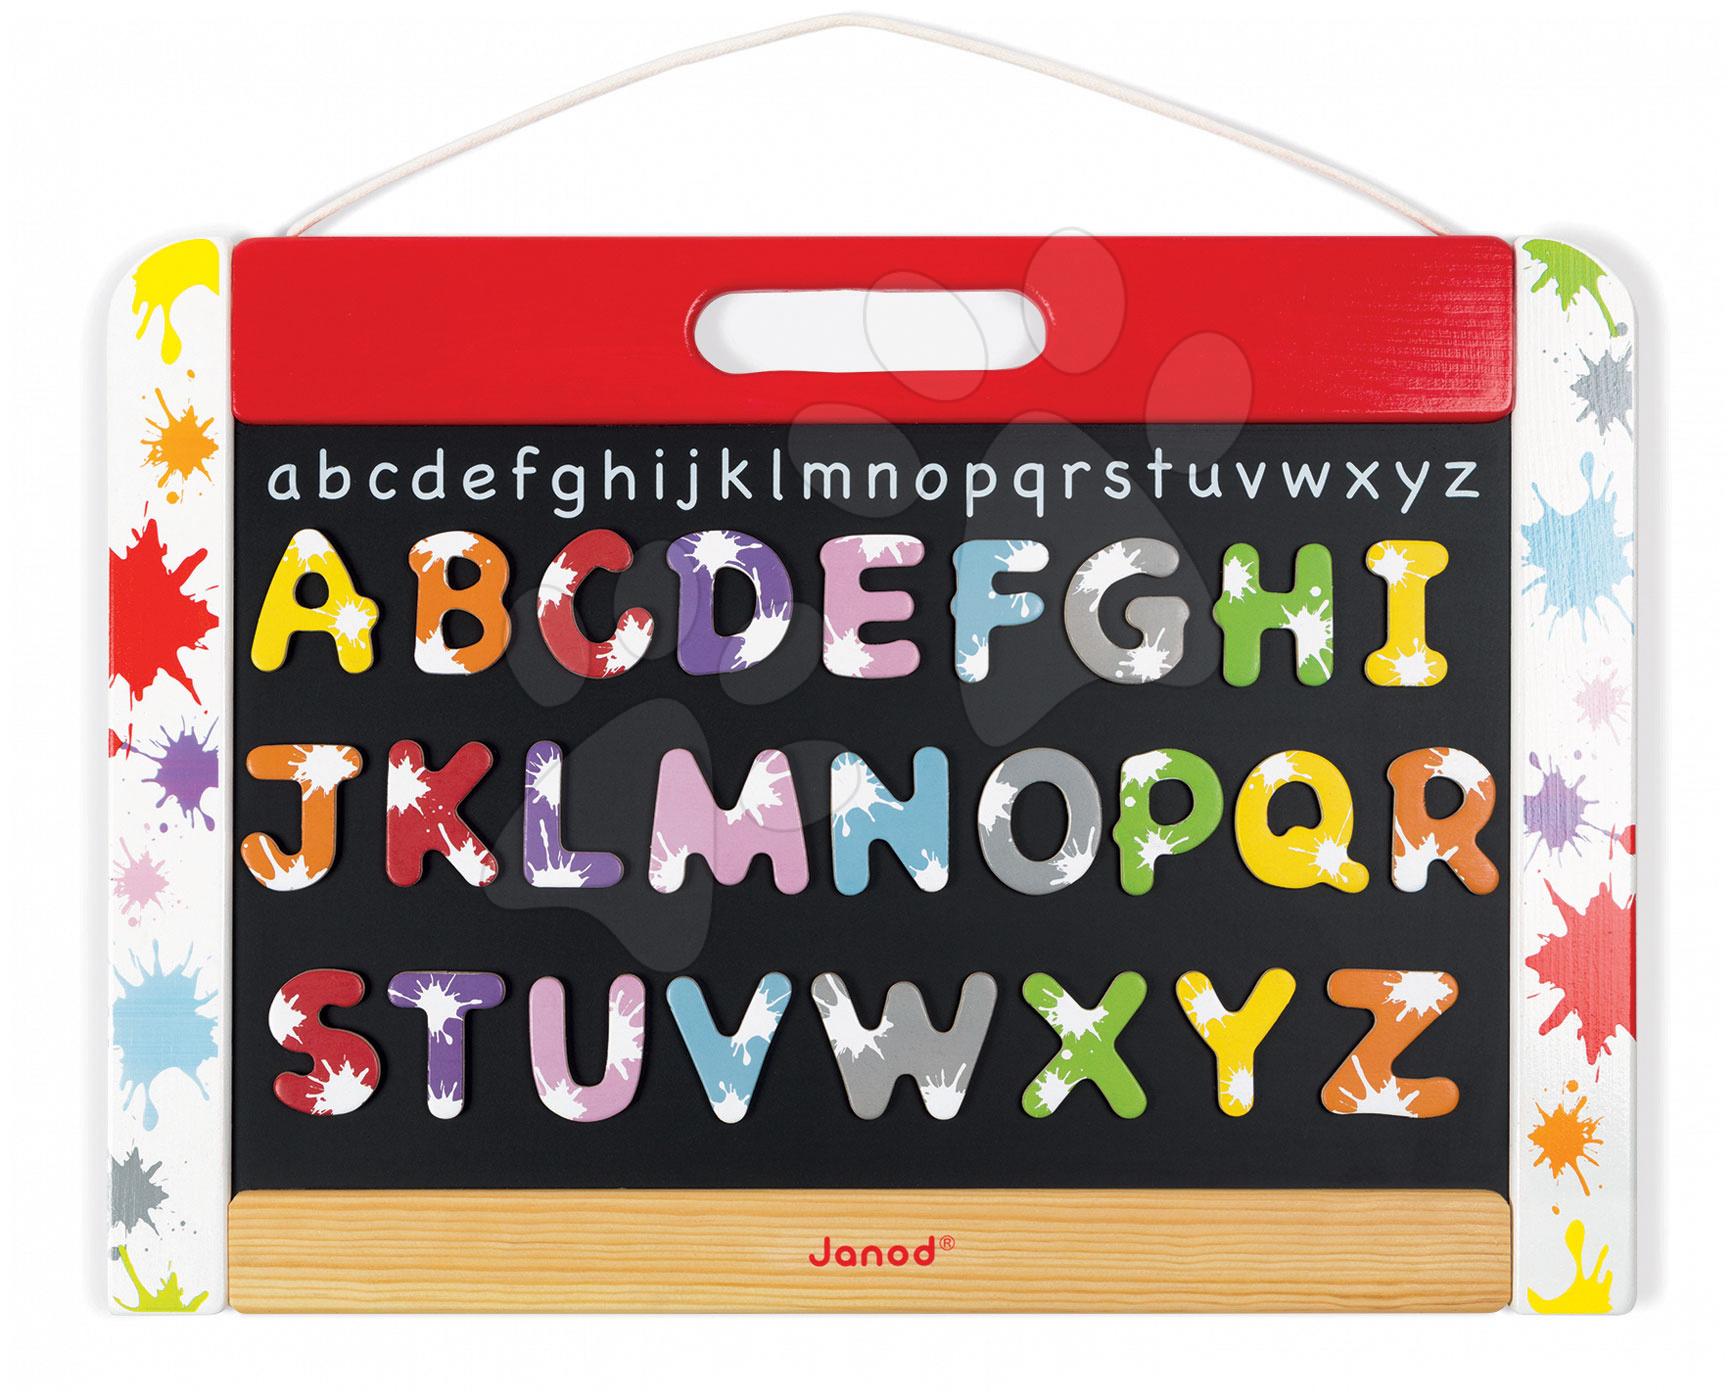 Dřevěná školní tabule Splash Janod magnetická, oboustranná na zavěšení s 28 doplňky